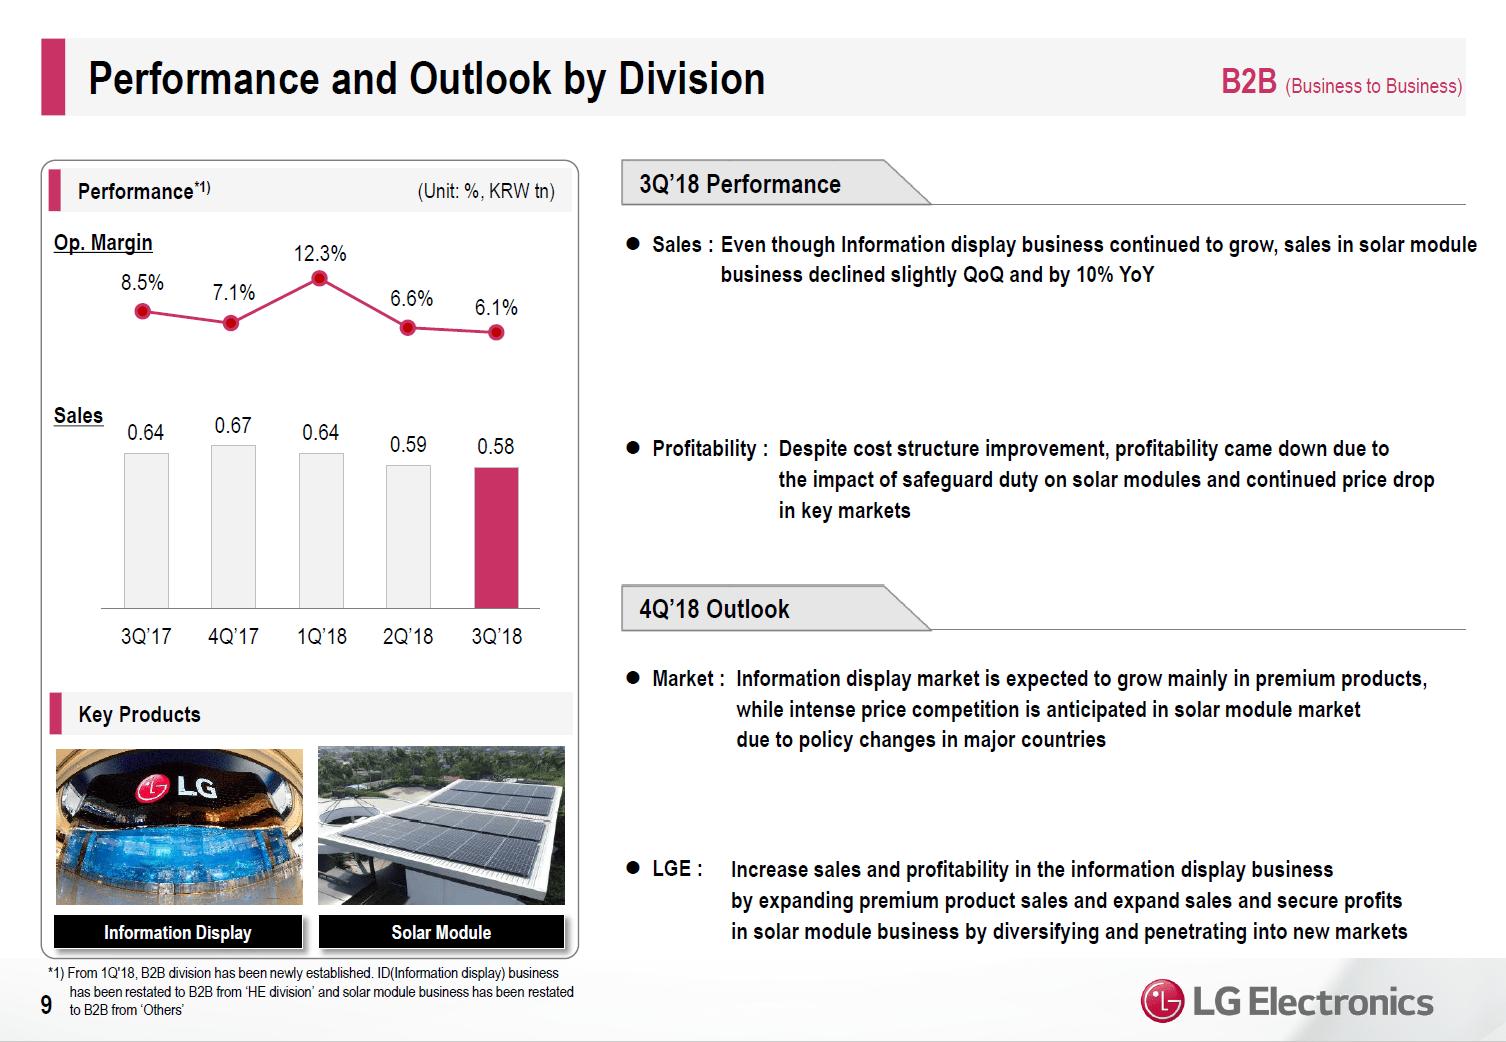 LG-Quartalszahlen Q3 nach Segment: B2B